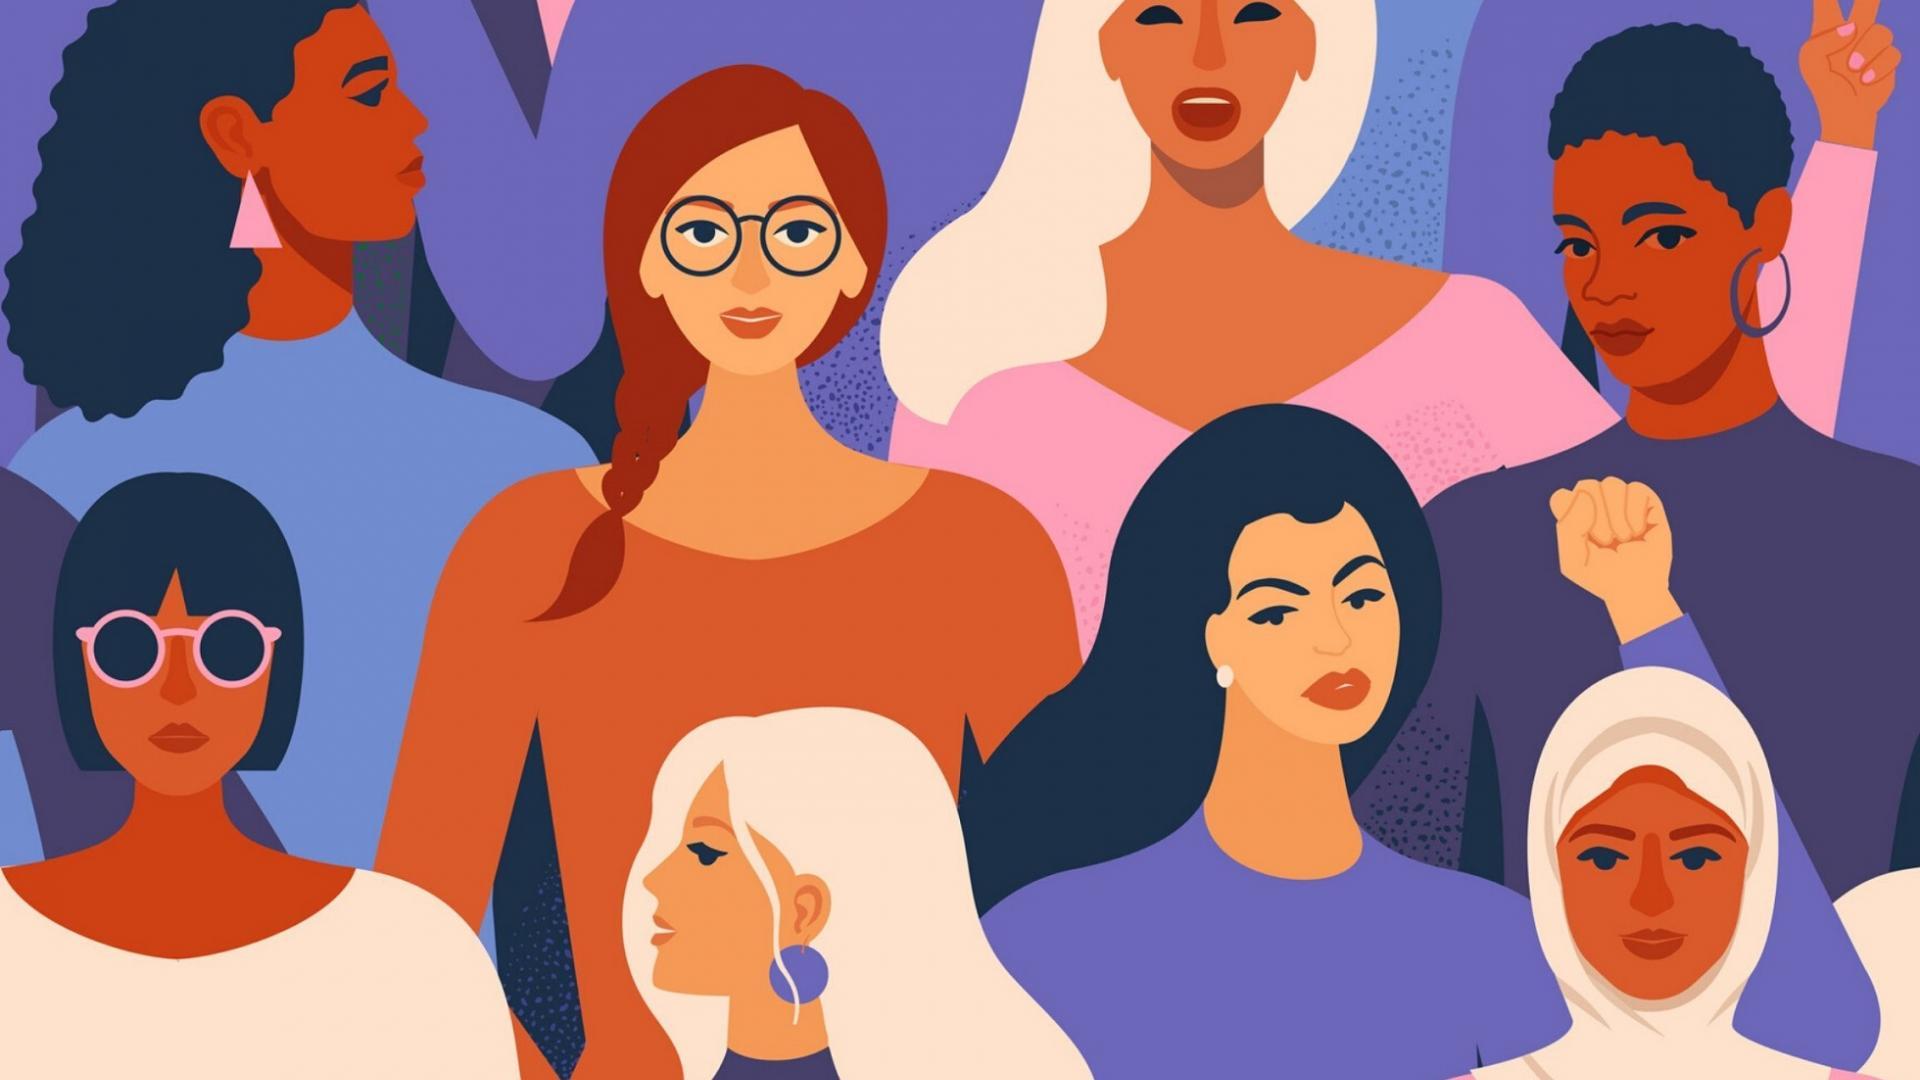 Illustration von verschiedenen Frauen unterschiedlicher Haut- und Haarfarben